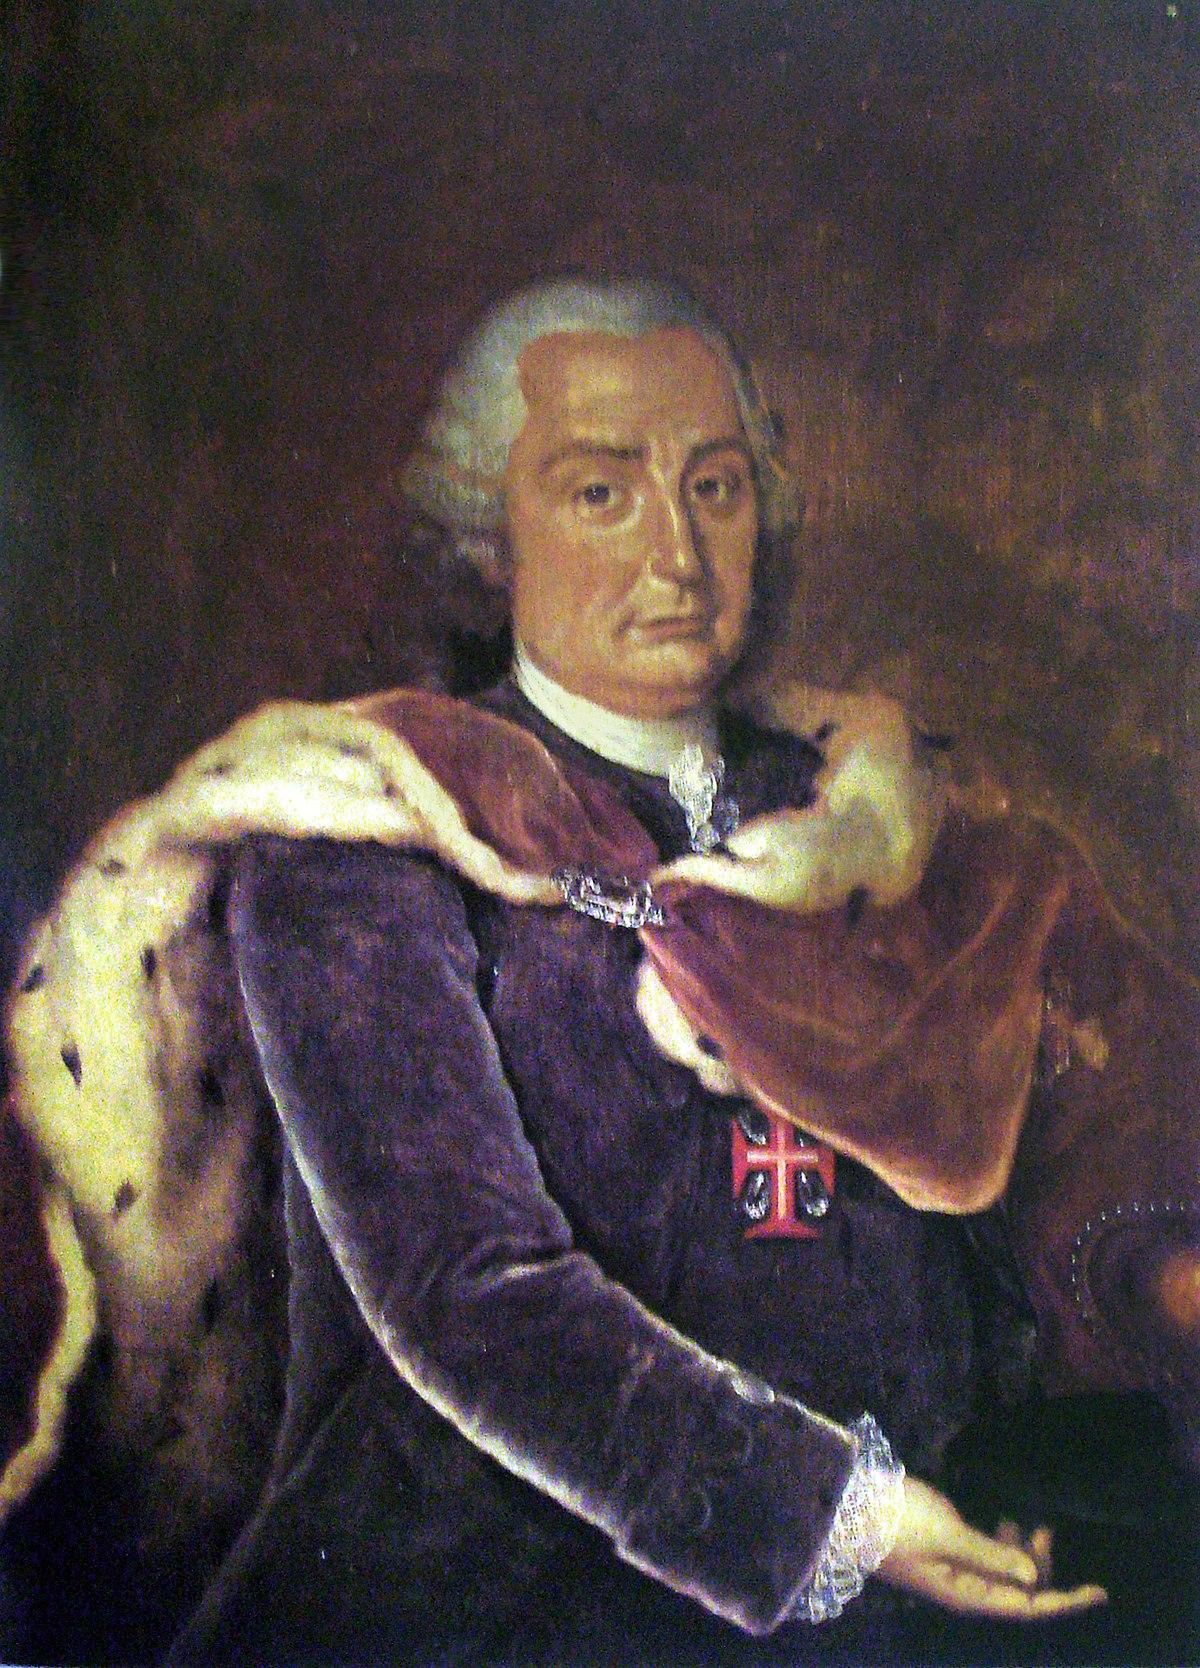 Anônimo - Retrato do rei Dom Pedro III de Portugal - século XVIII.jpg